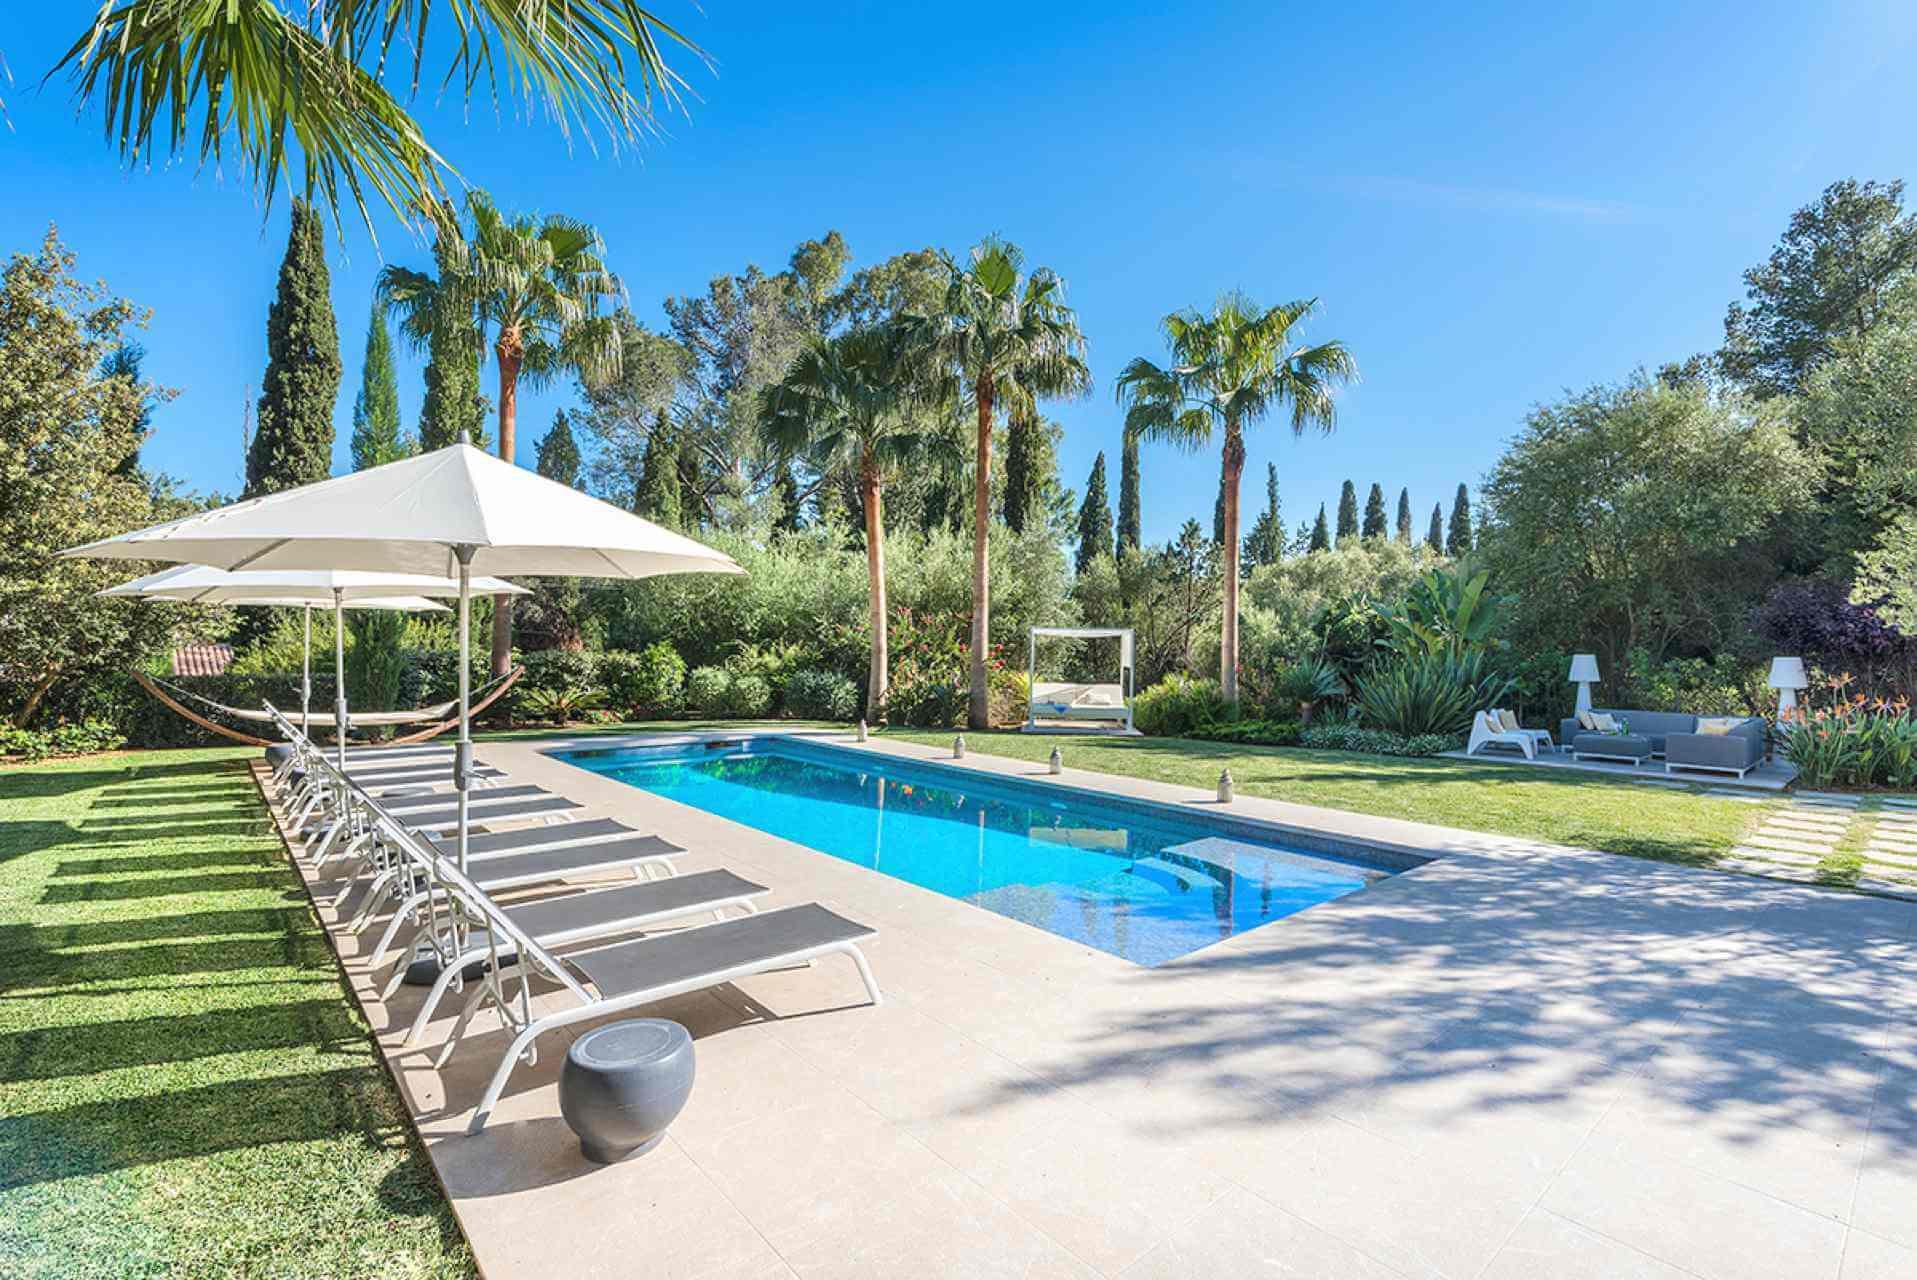 01-337 Luxus Villa Mallorca Norden Bild 3